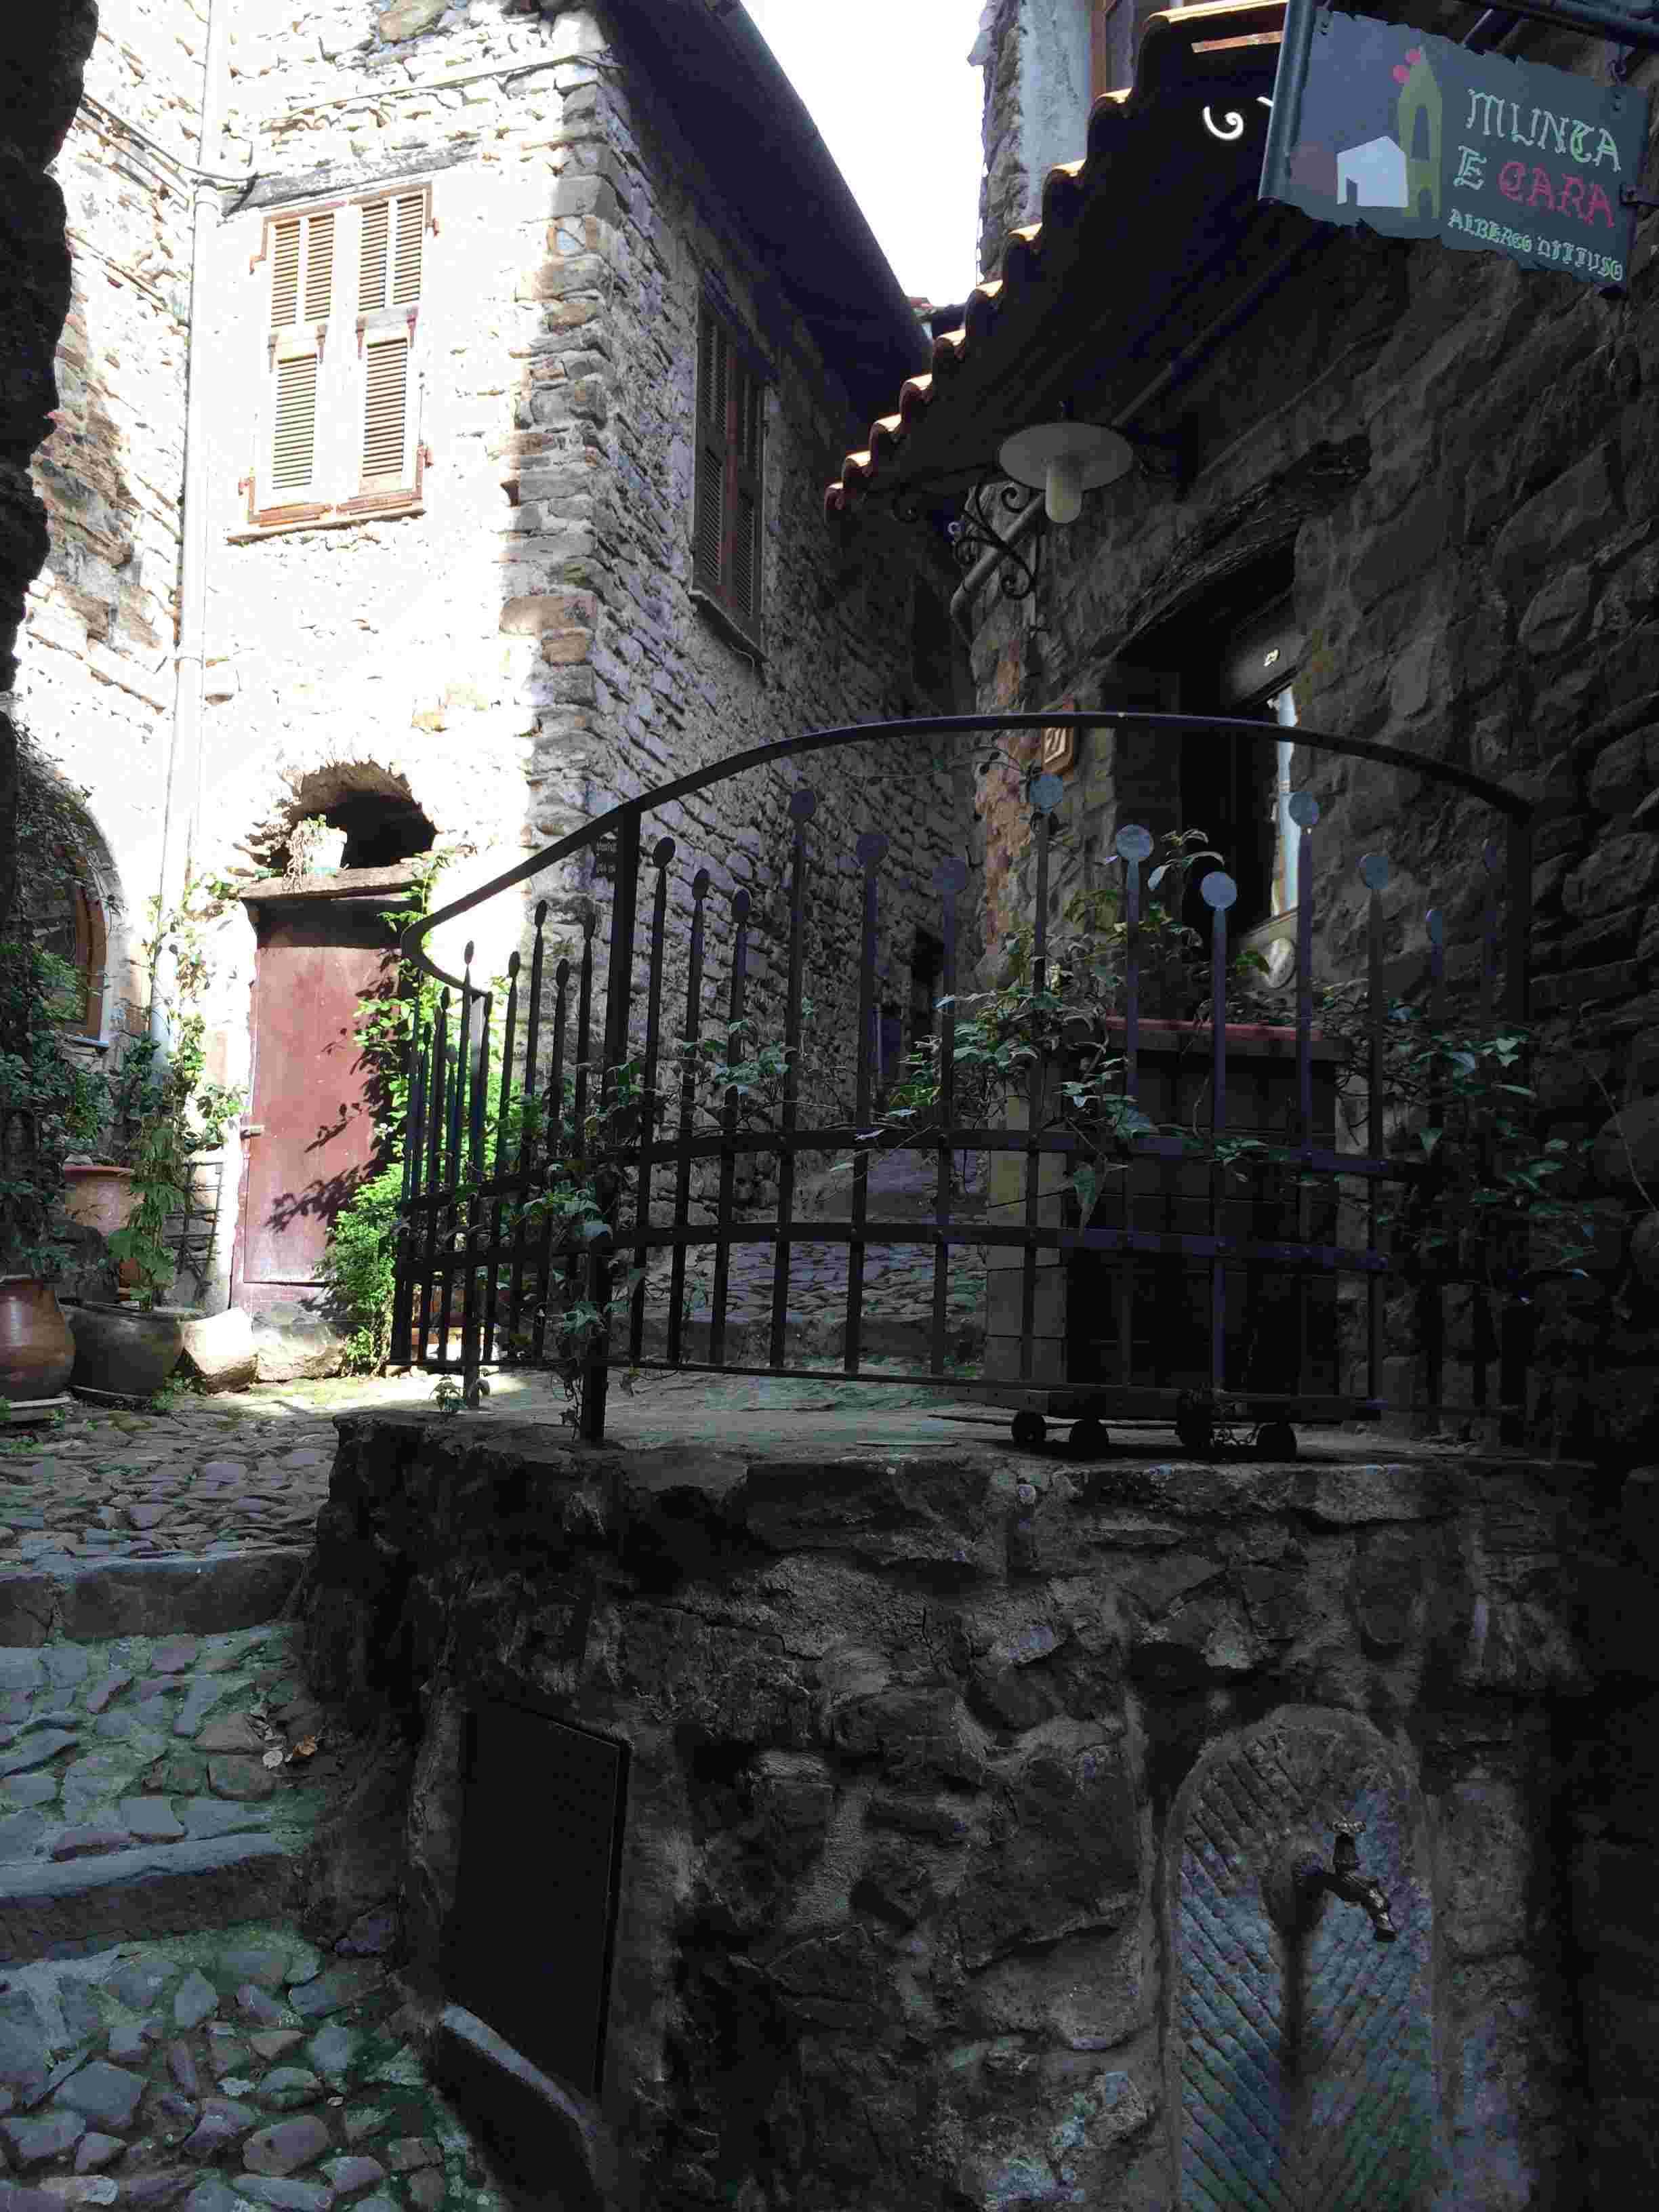 Apricale, le plus beau village d'Italie Aprica35